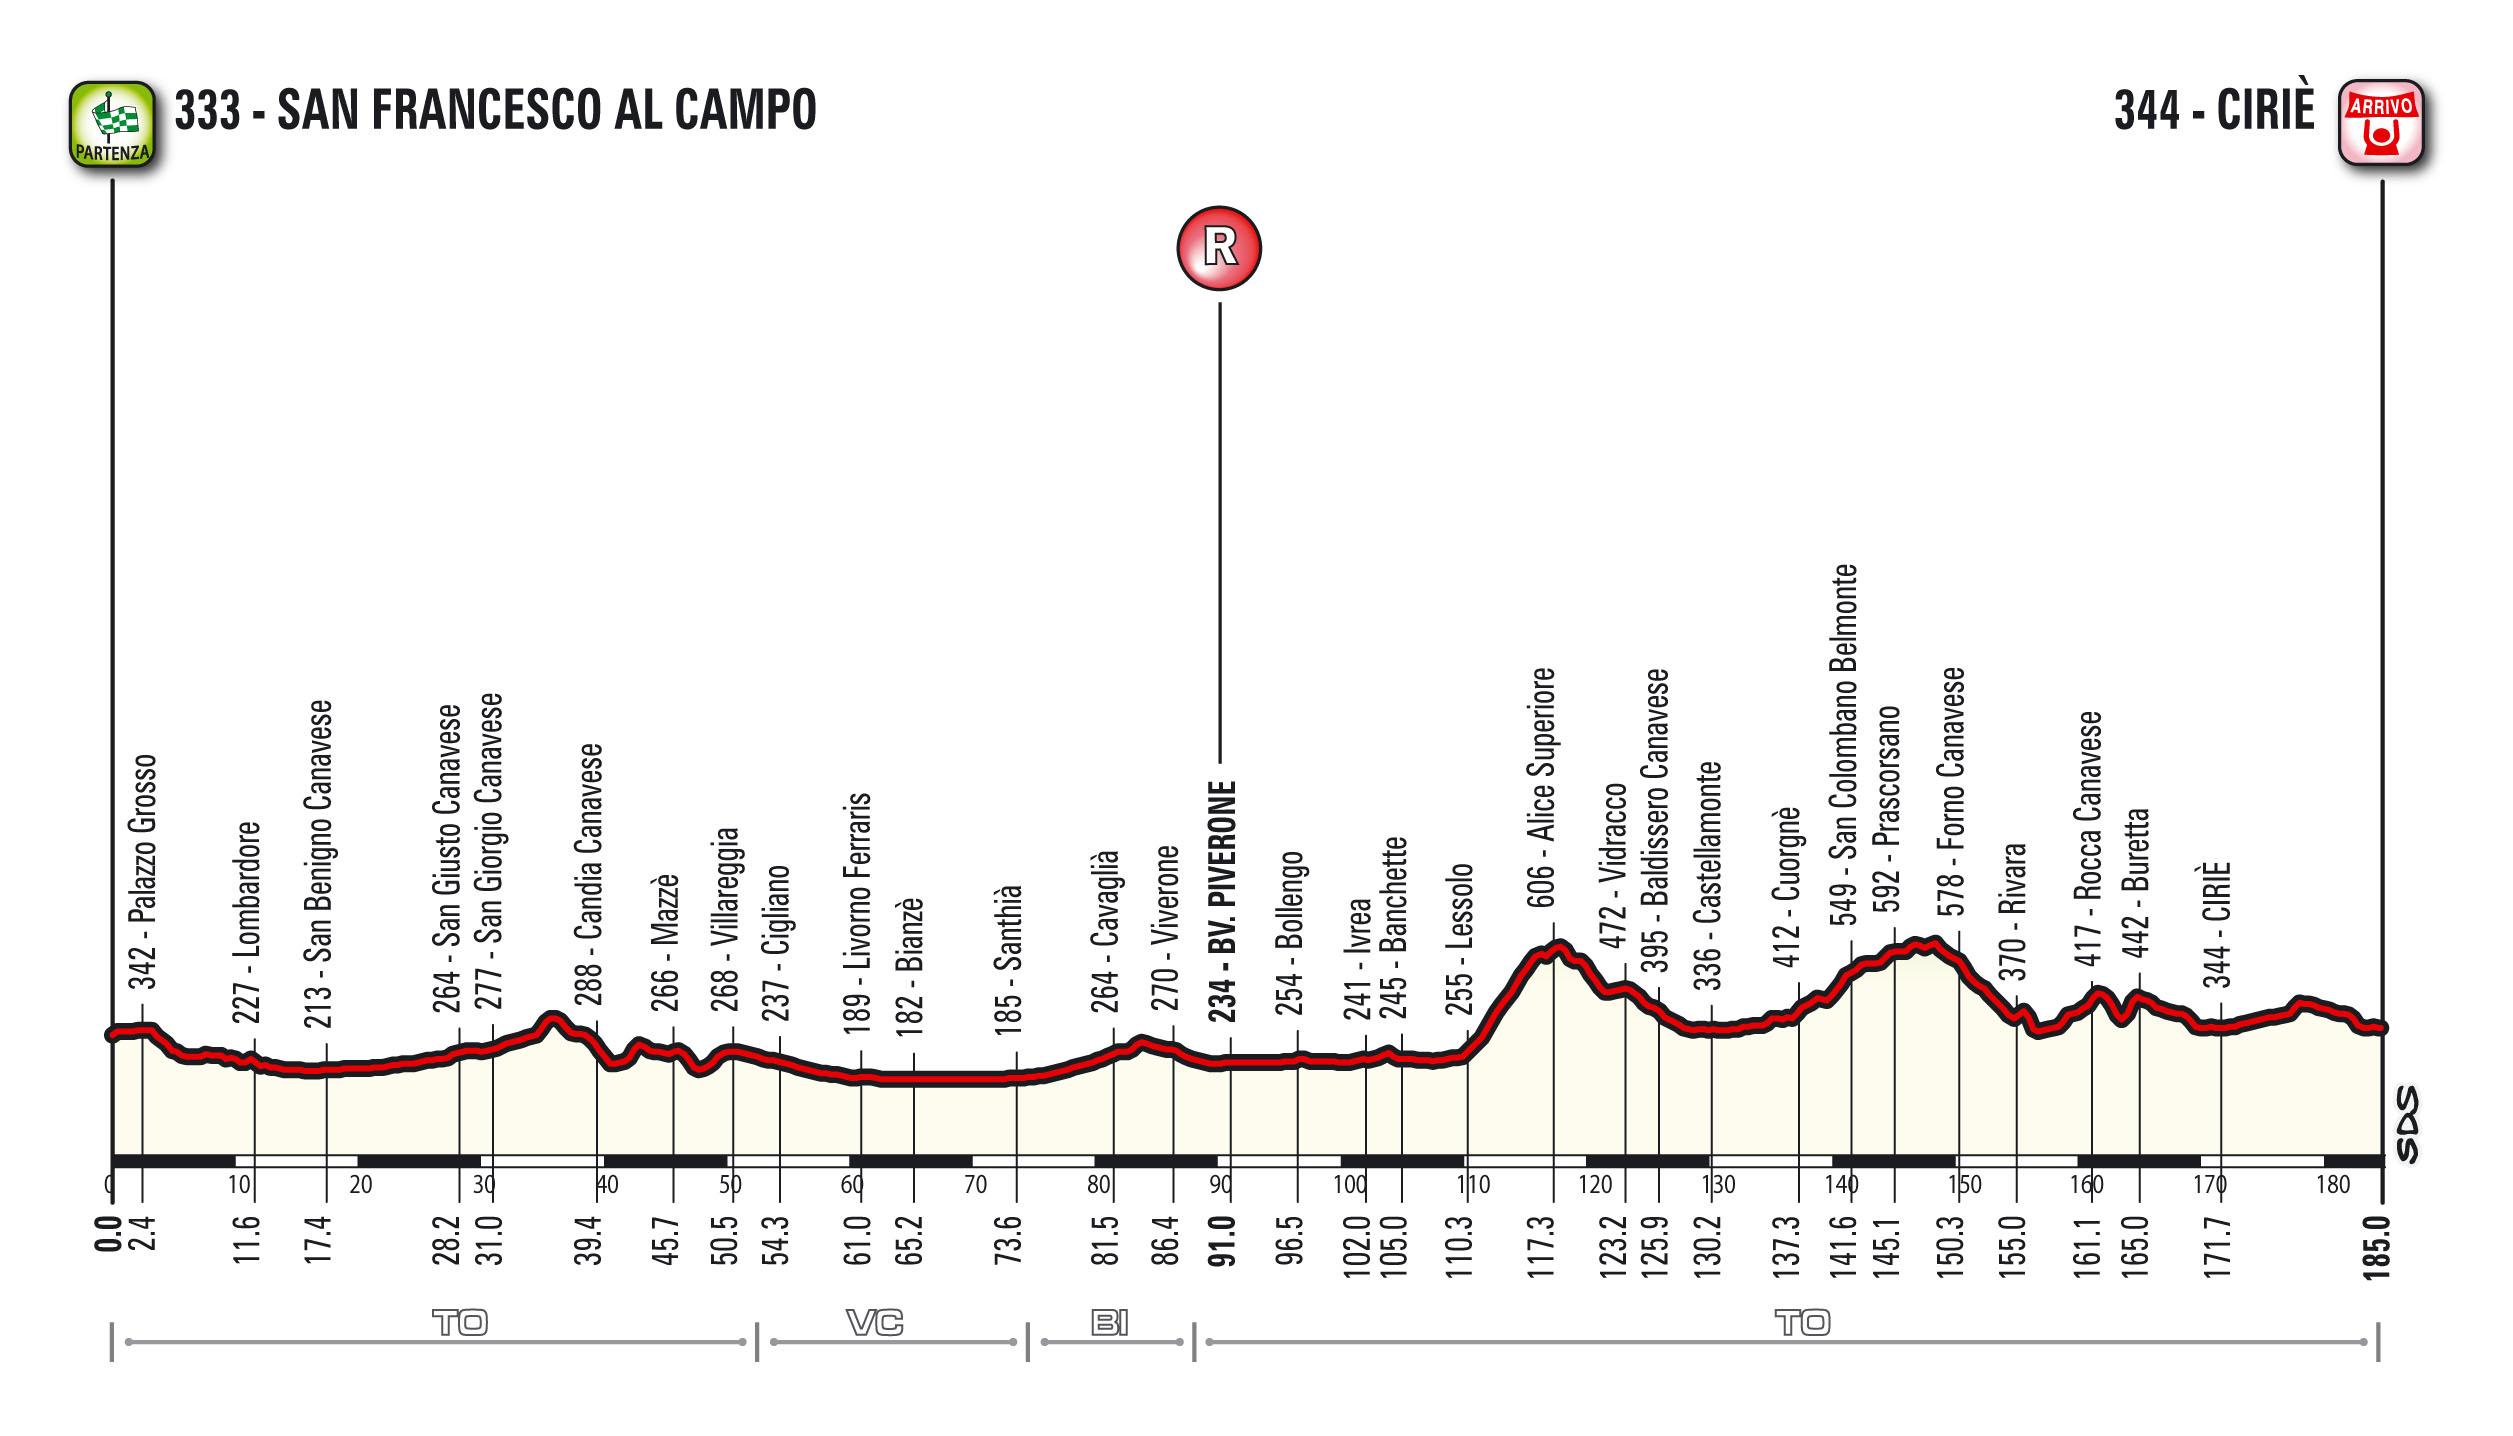 Profil Giro del Piemonte 2015